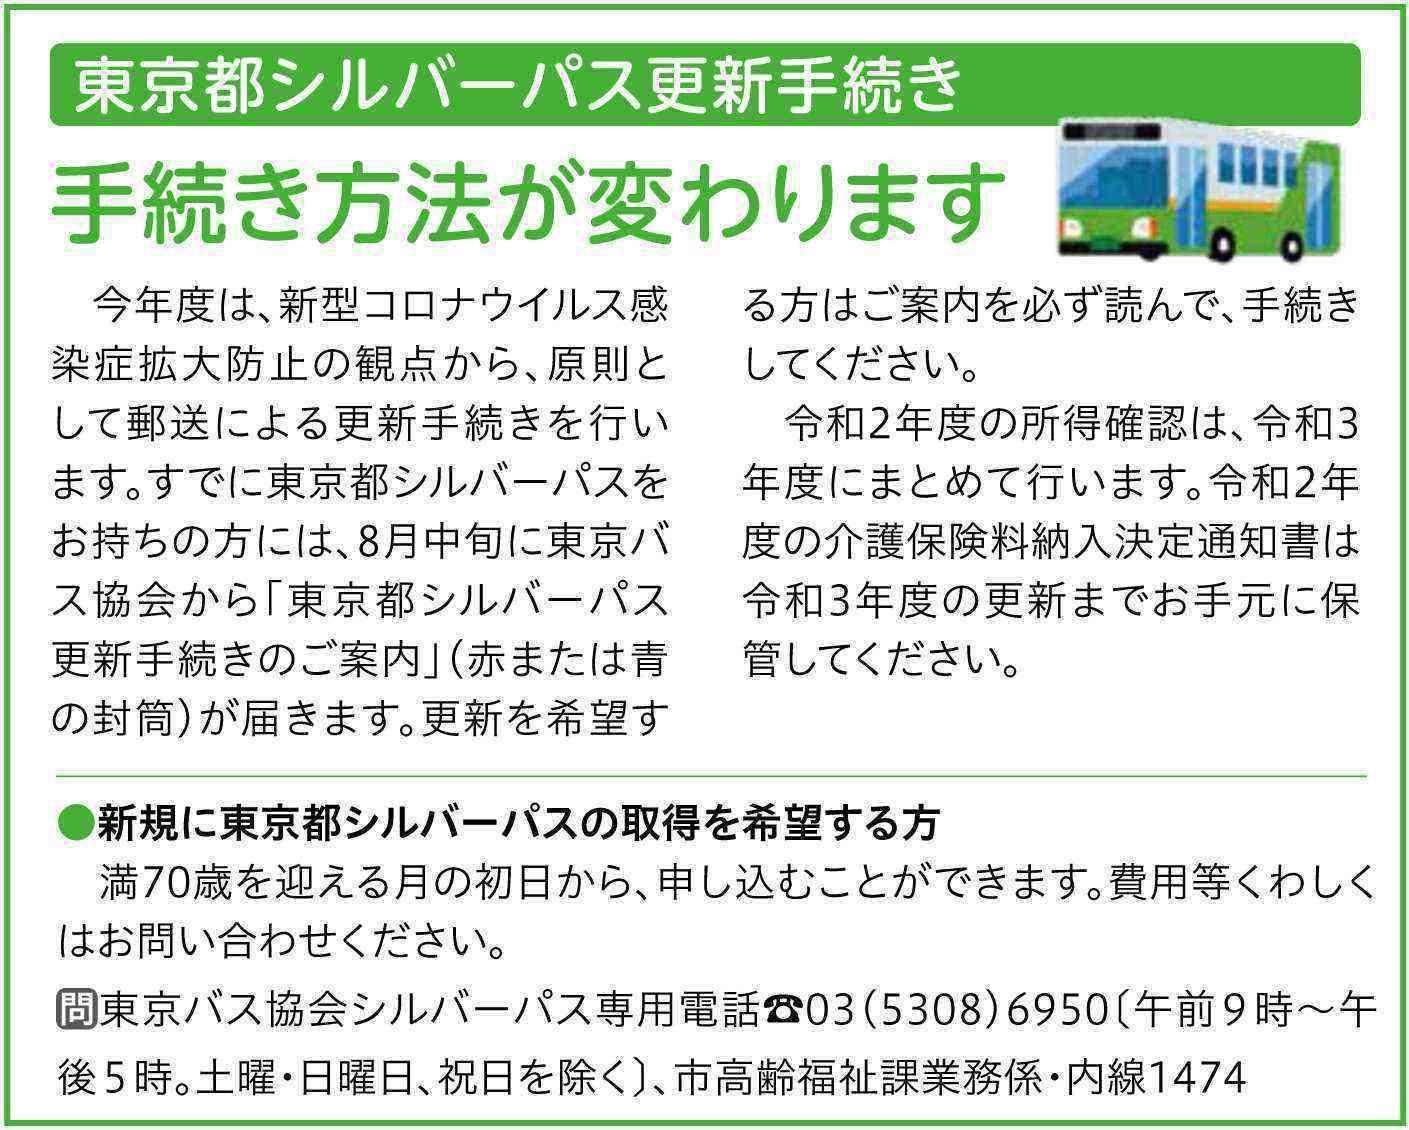 局 ホームページ 保健 東京 都 福祉